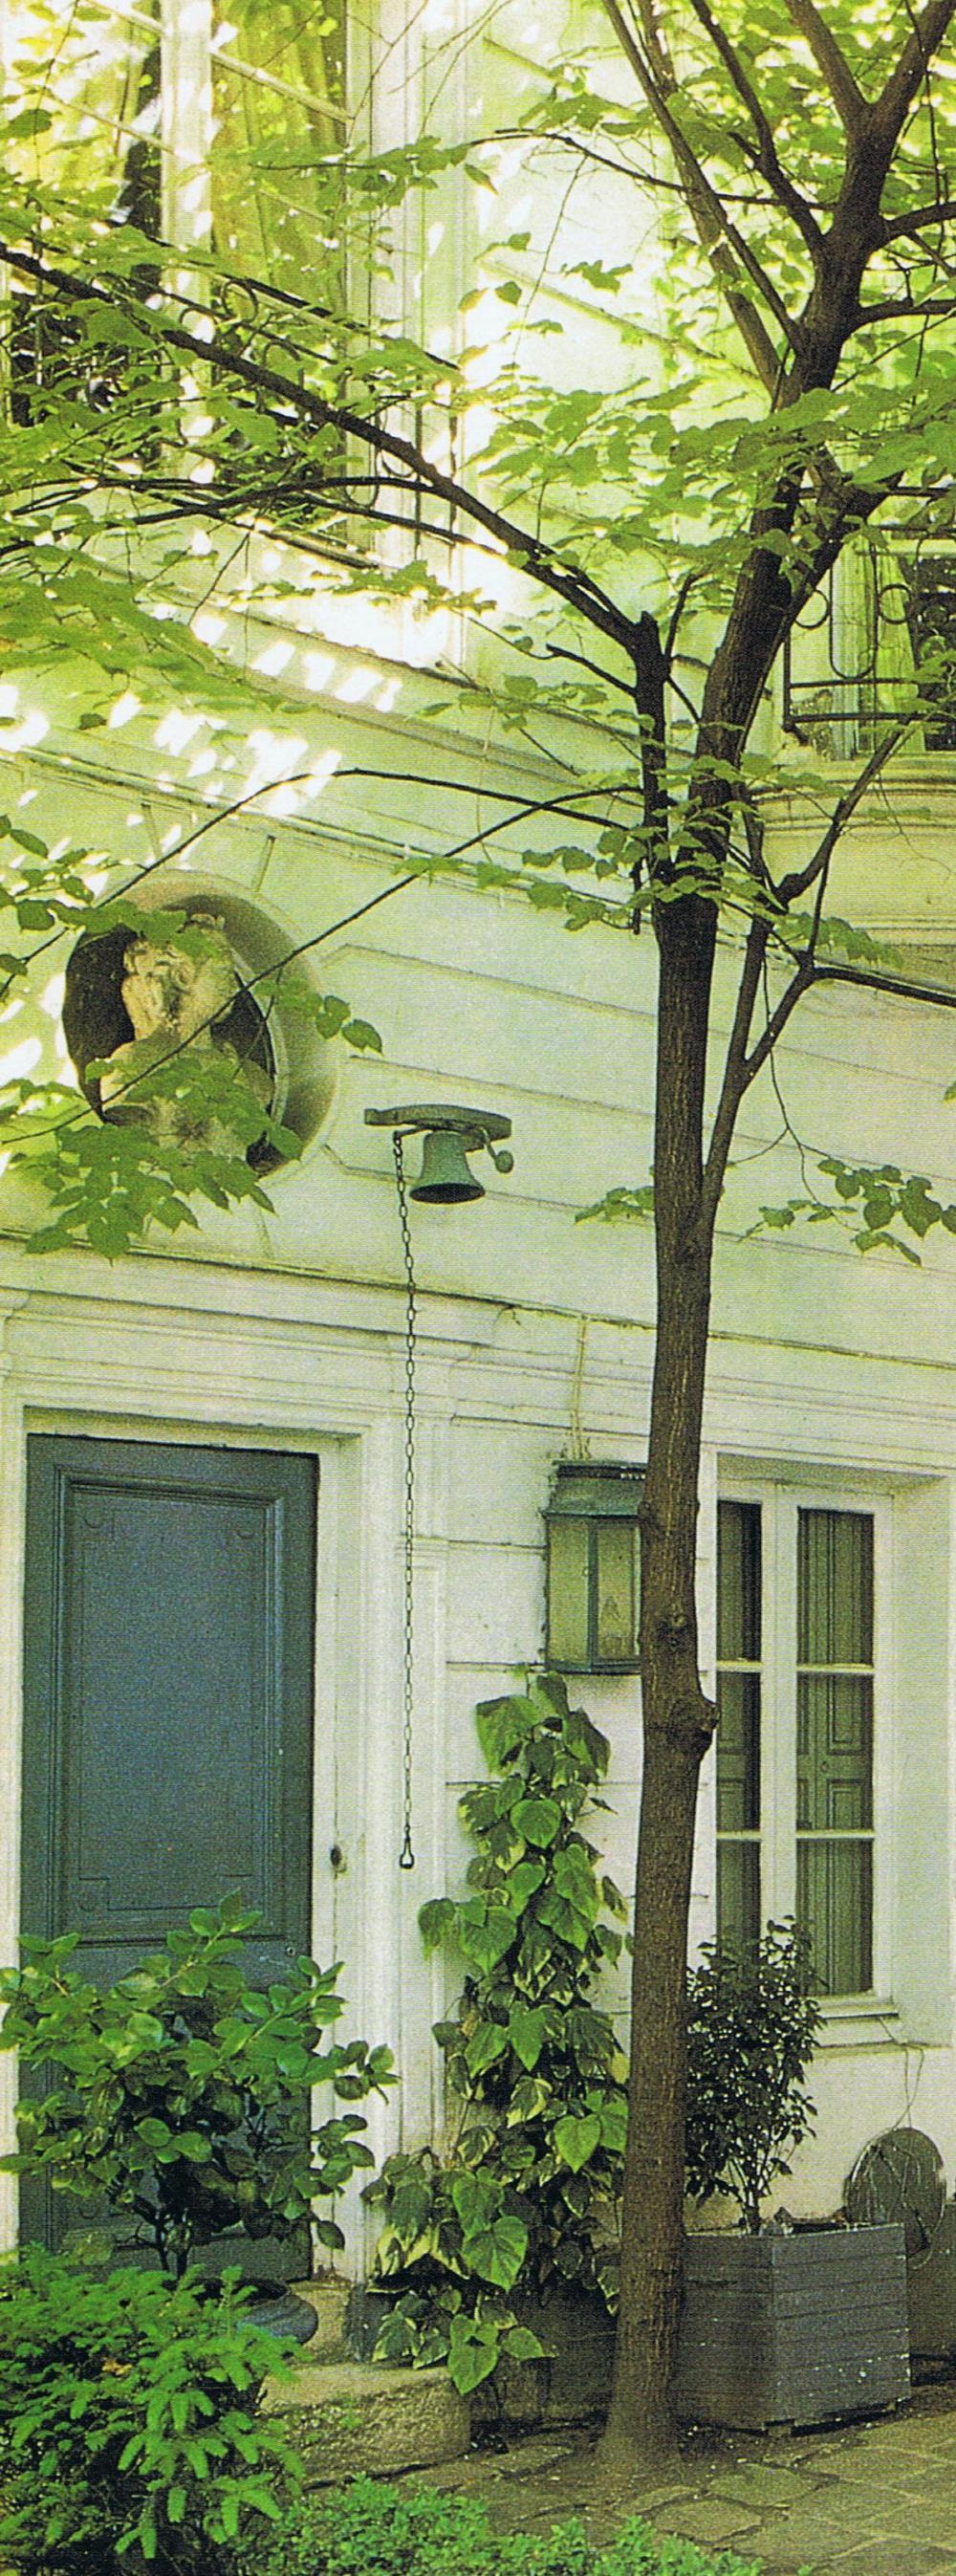 Isabelle Adjani 2 Paris Interiors